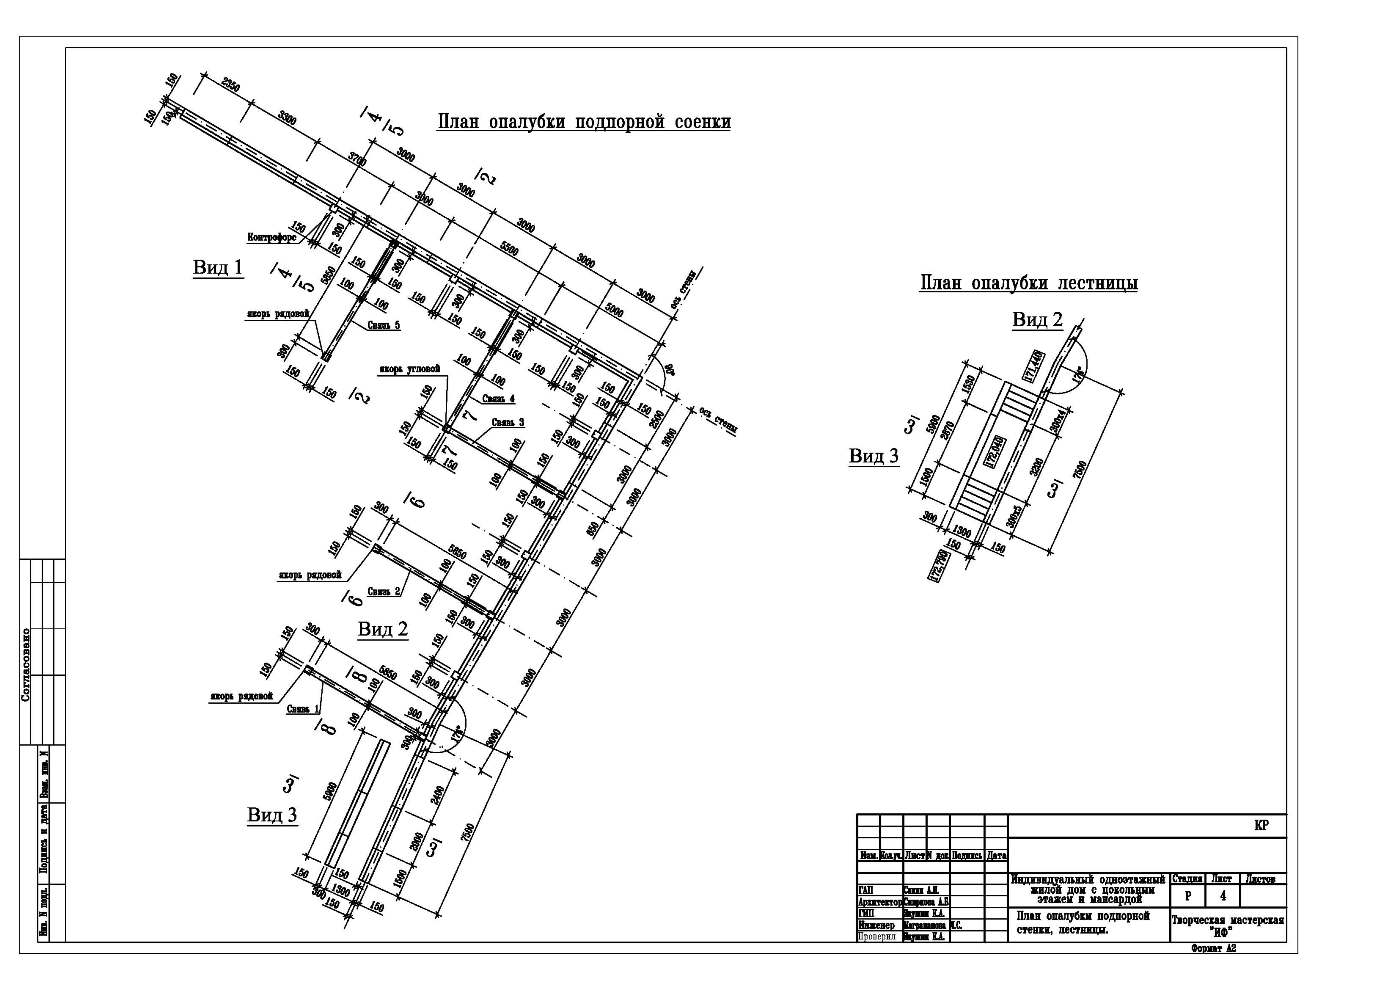 Изображение наклонной подпорной стенки в autocad